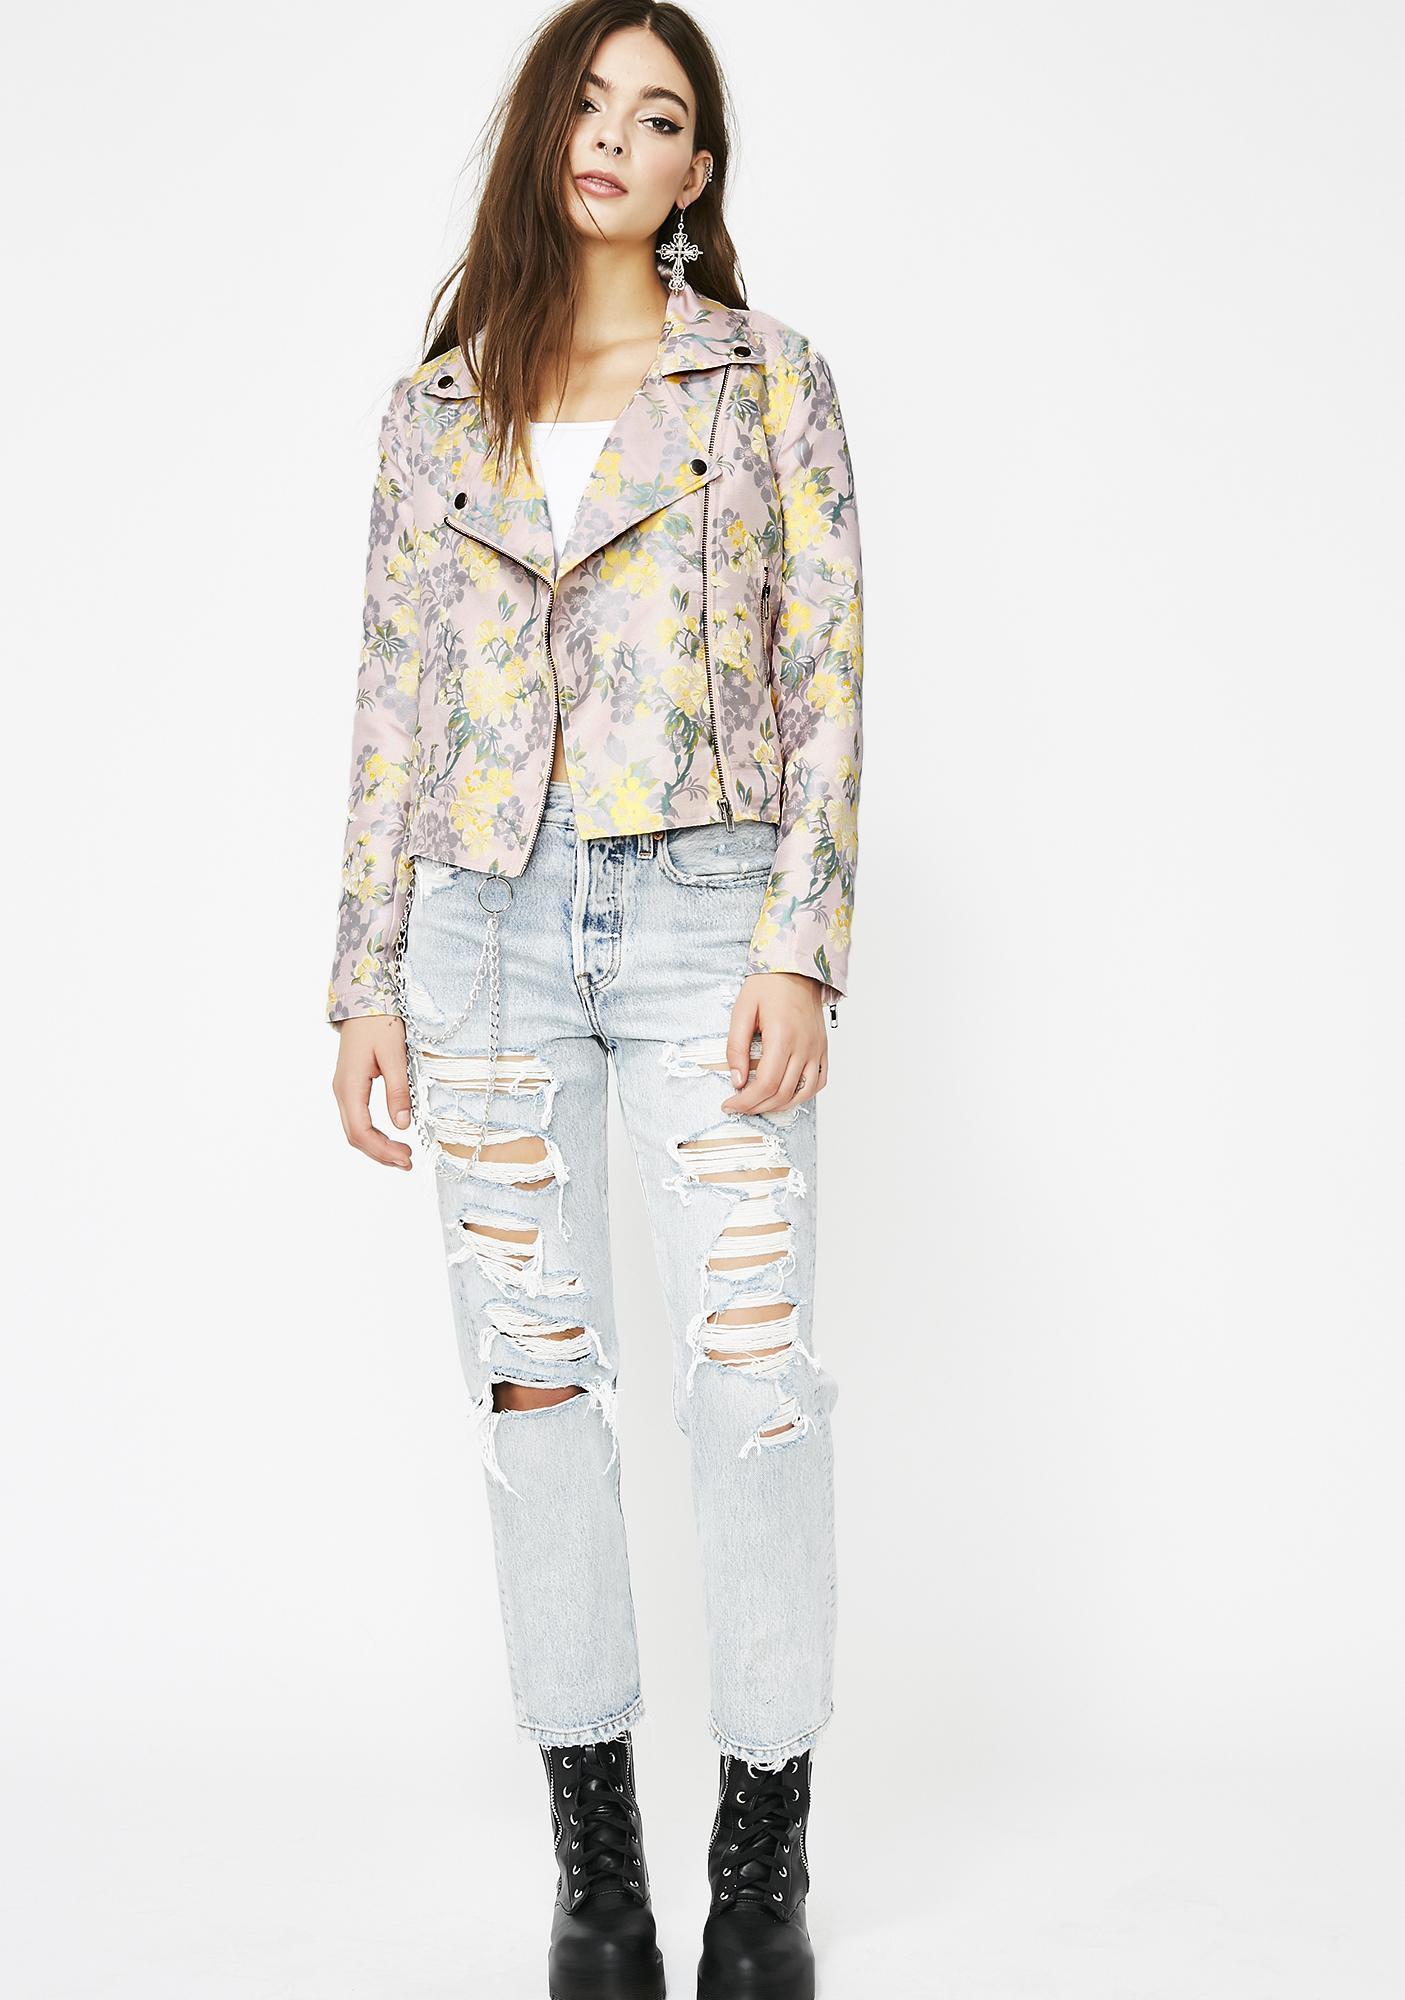 Daisy Lane Moto Jacket